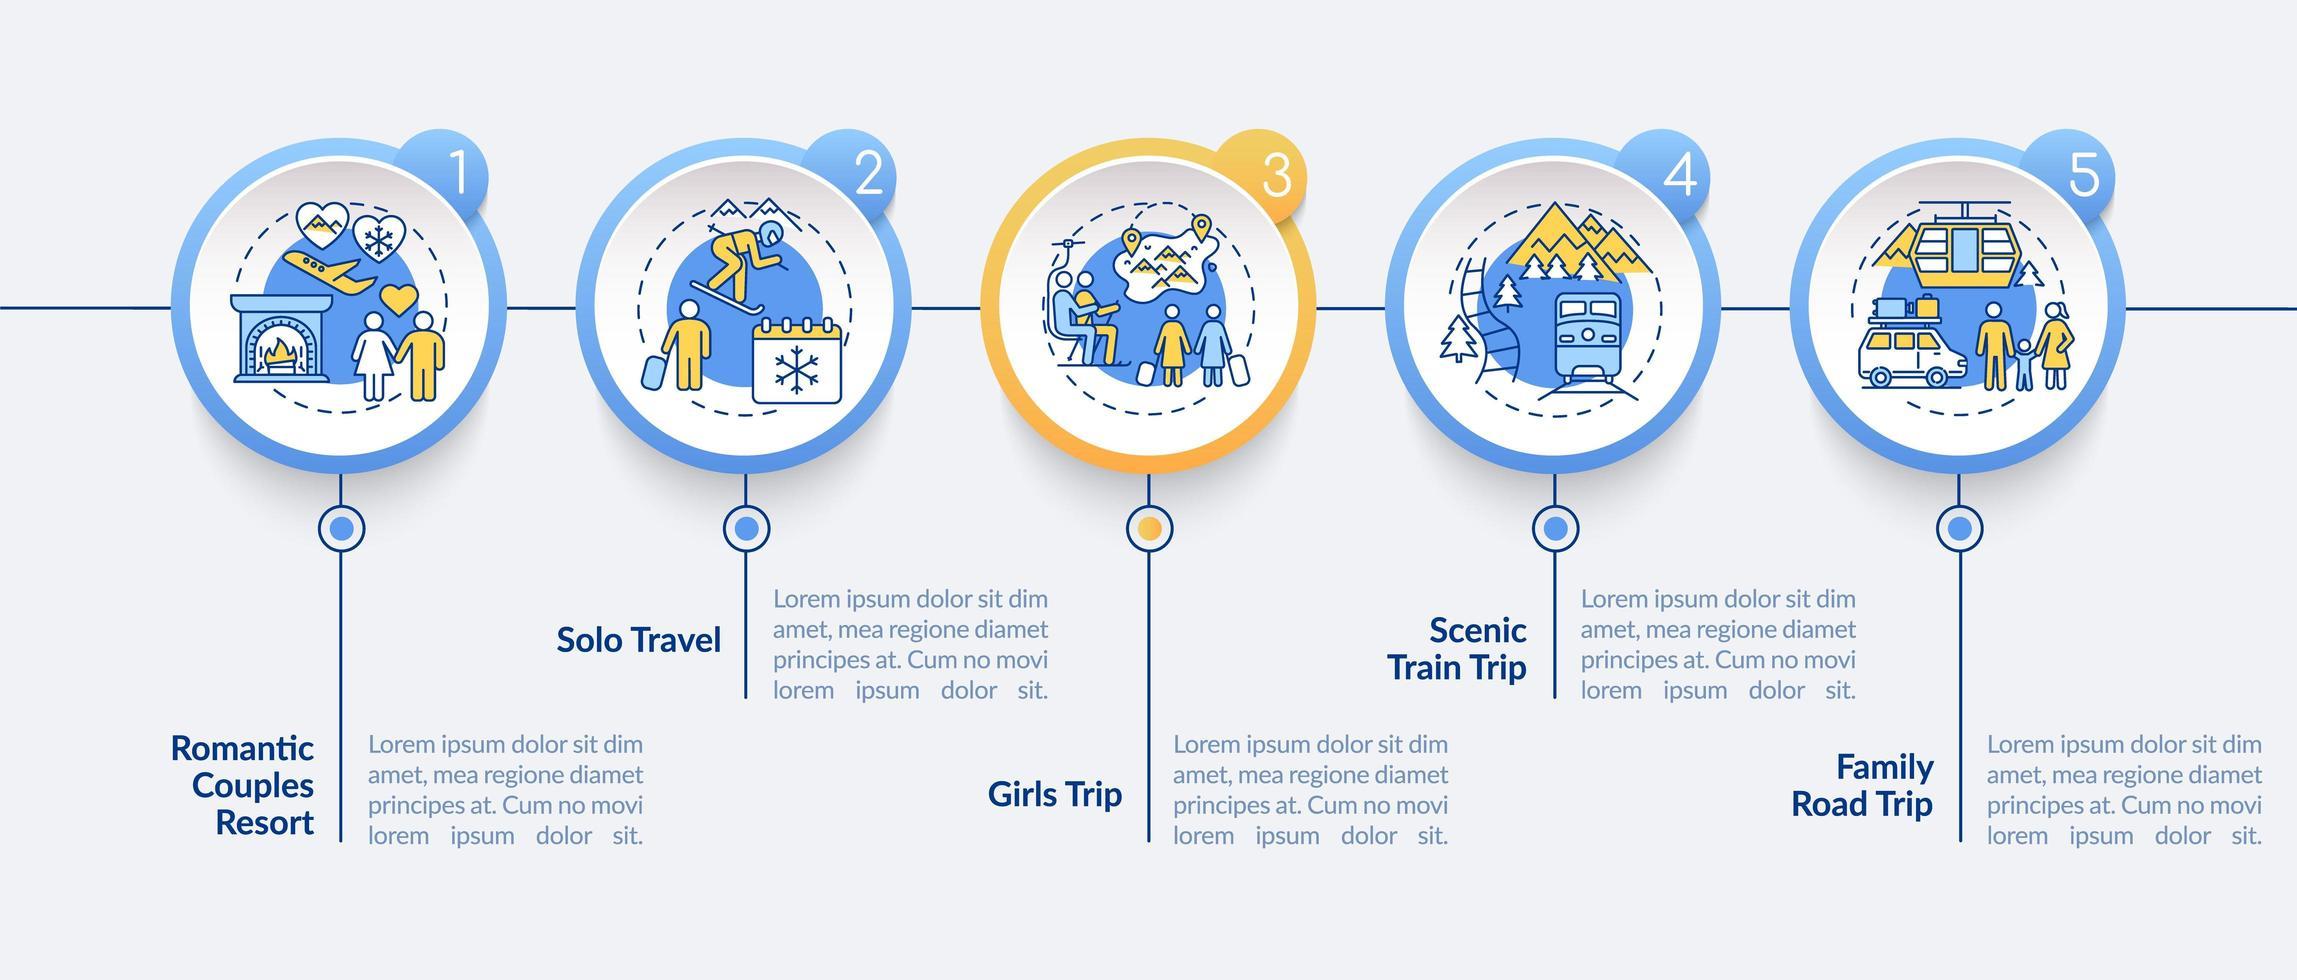 Winterurlaub Ideen Vektor Infografik Vorlage